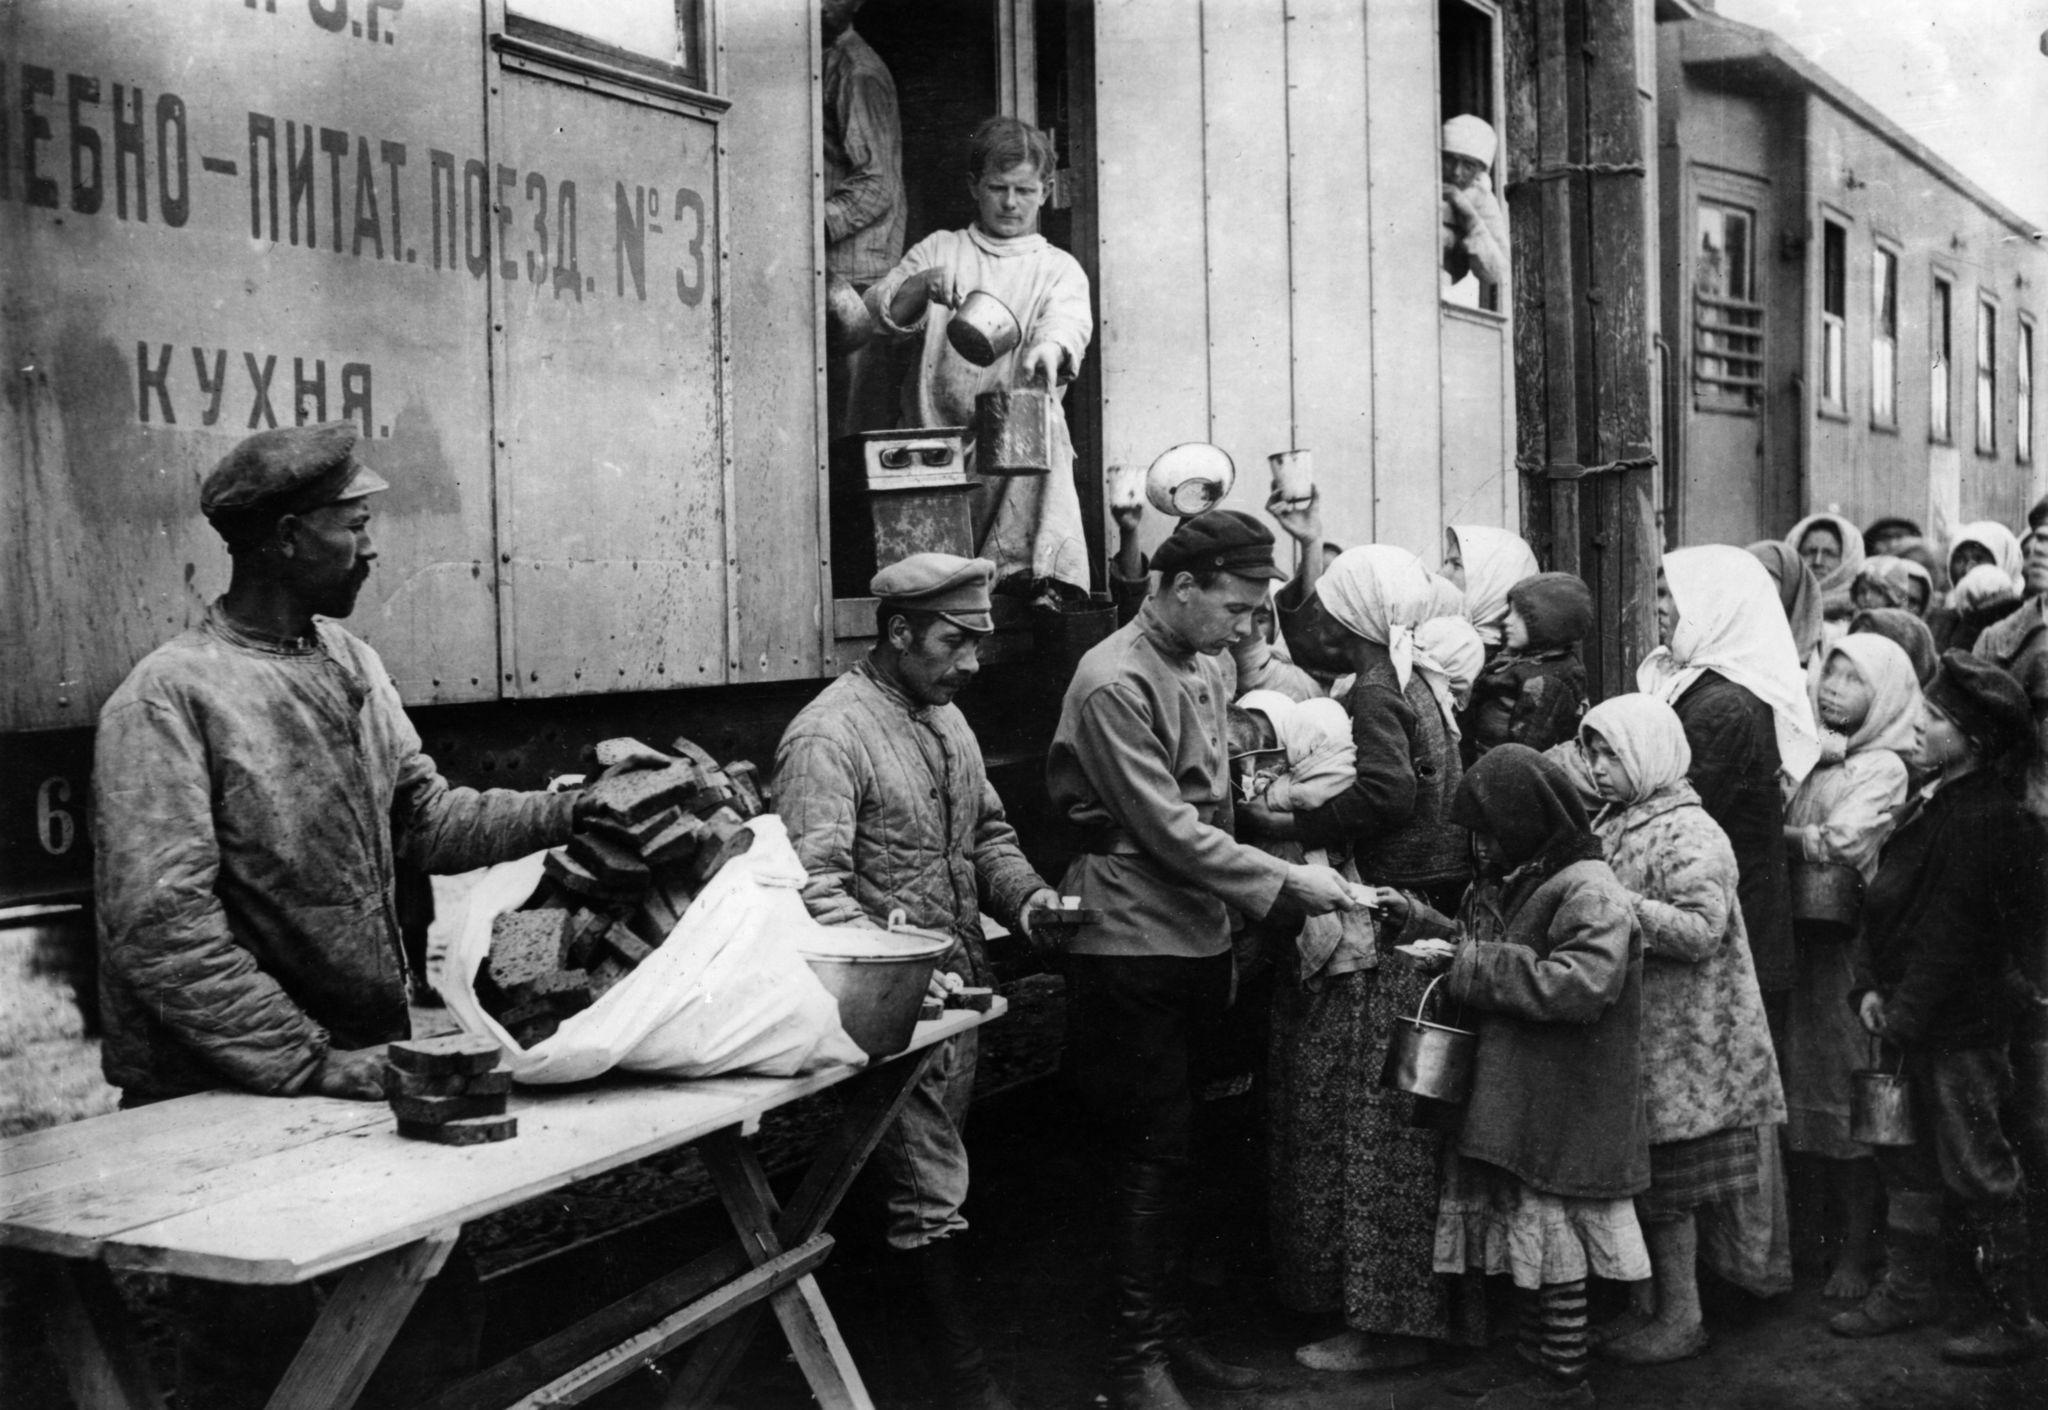 Раздача еды из лечебно-питательного поезда №3. Самарская губерния